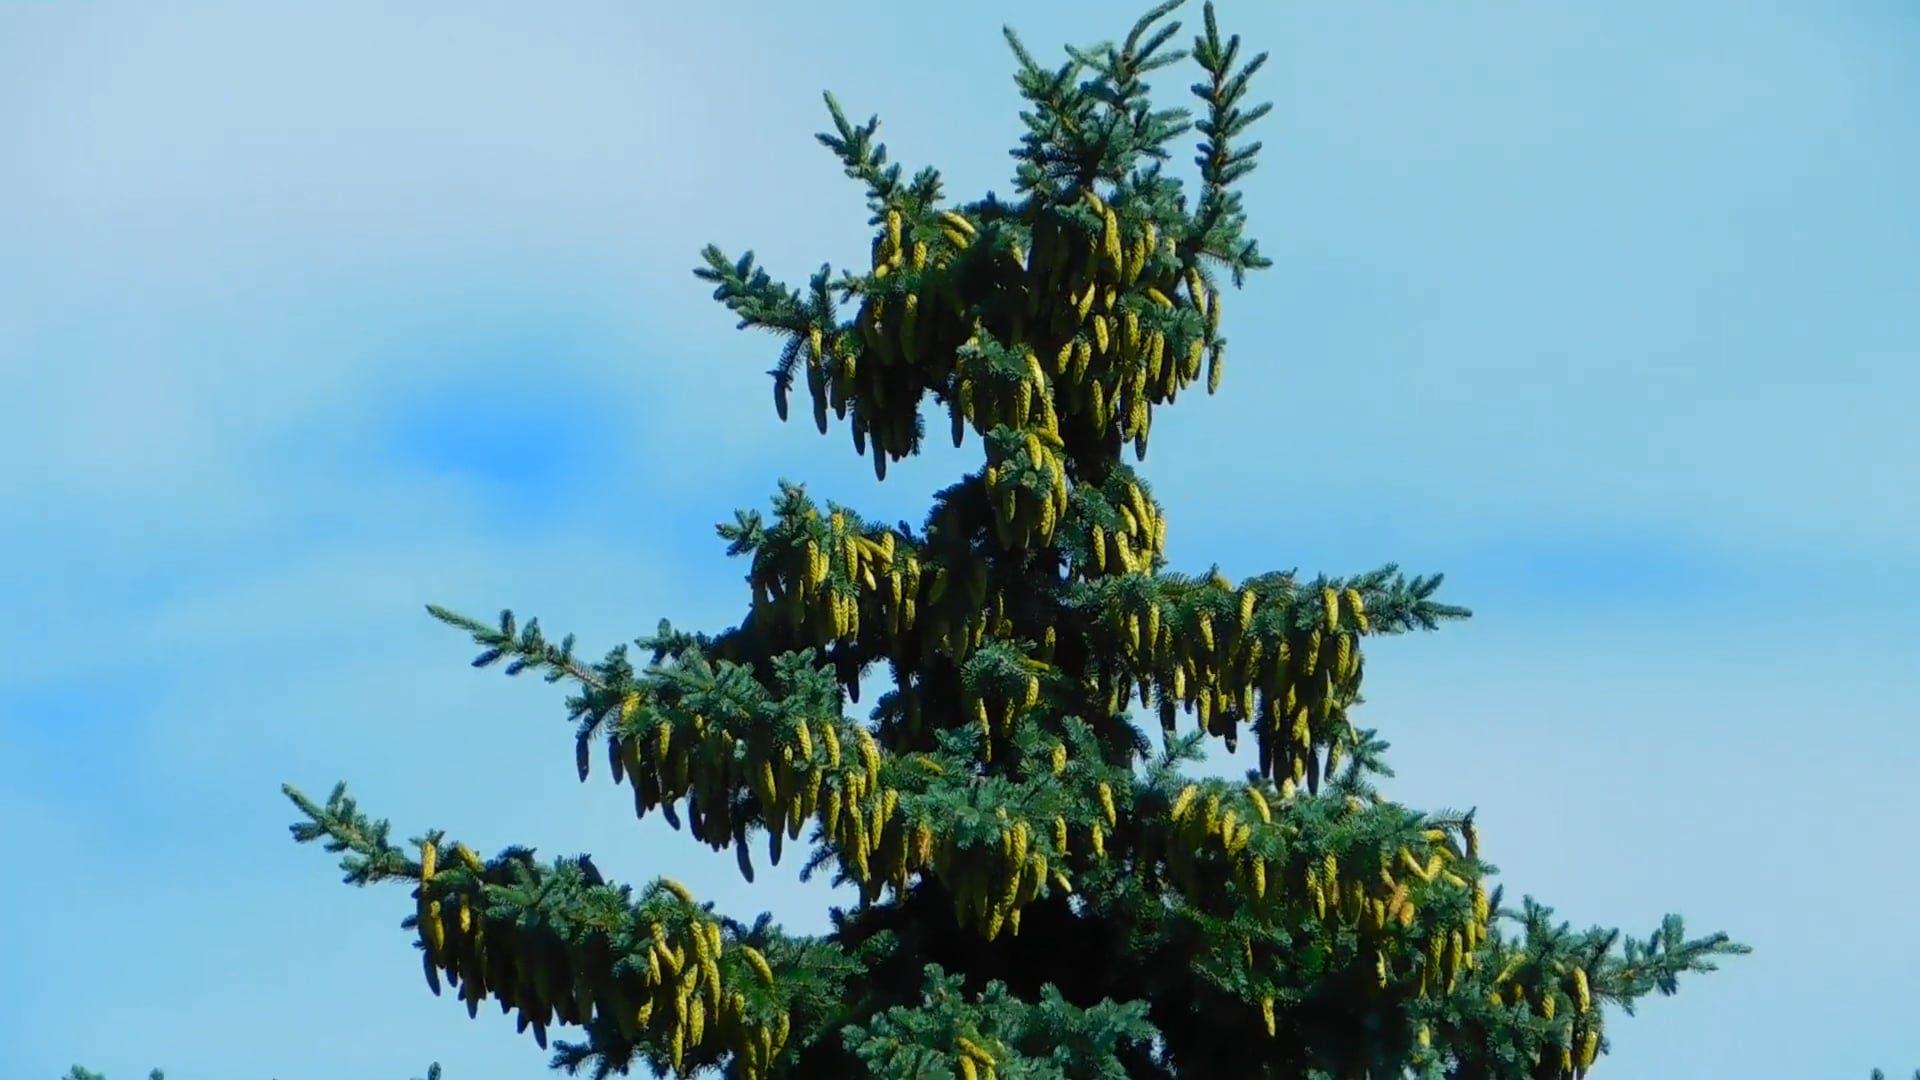 Tall Spruce Tree